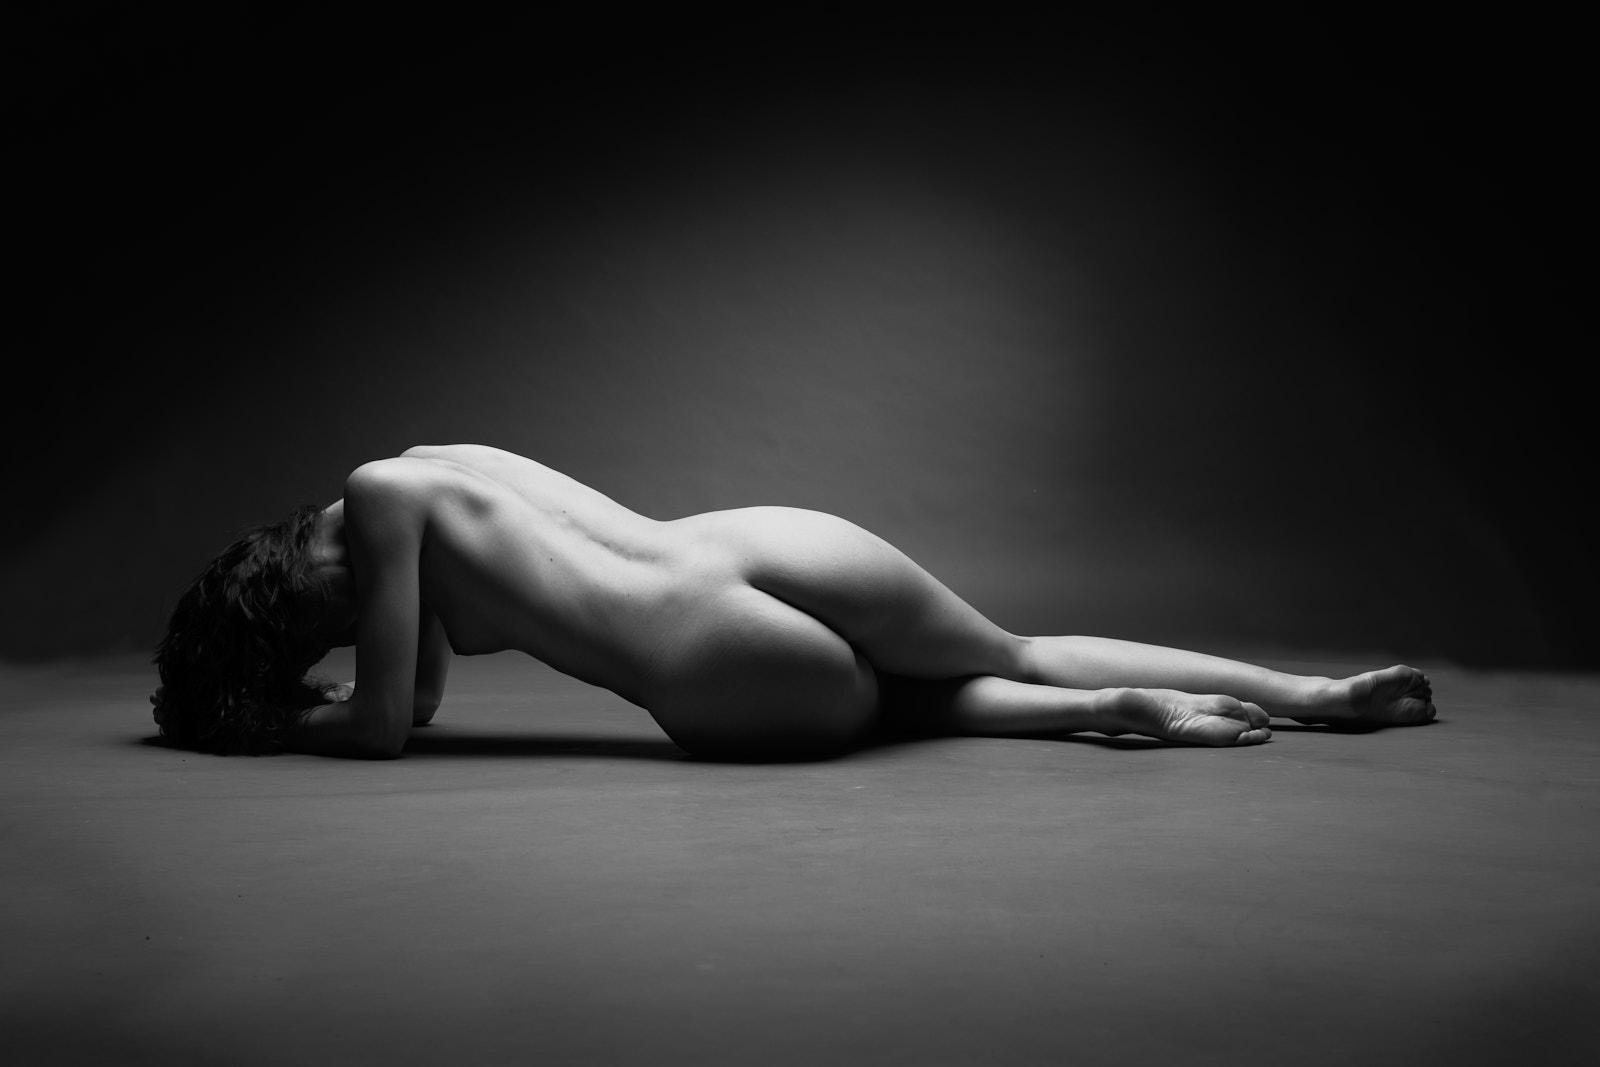 Une femme nue allongée de dos, nu académique, artistique